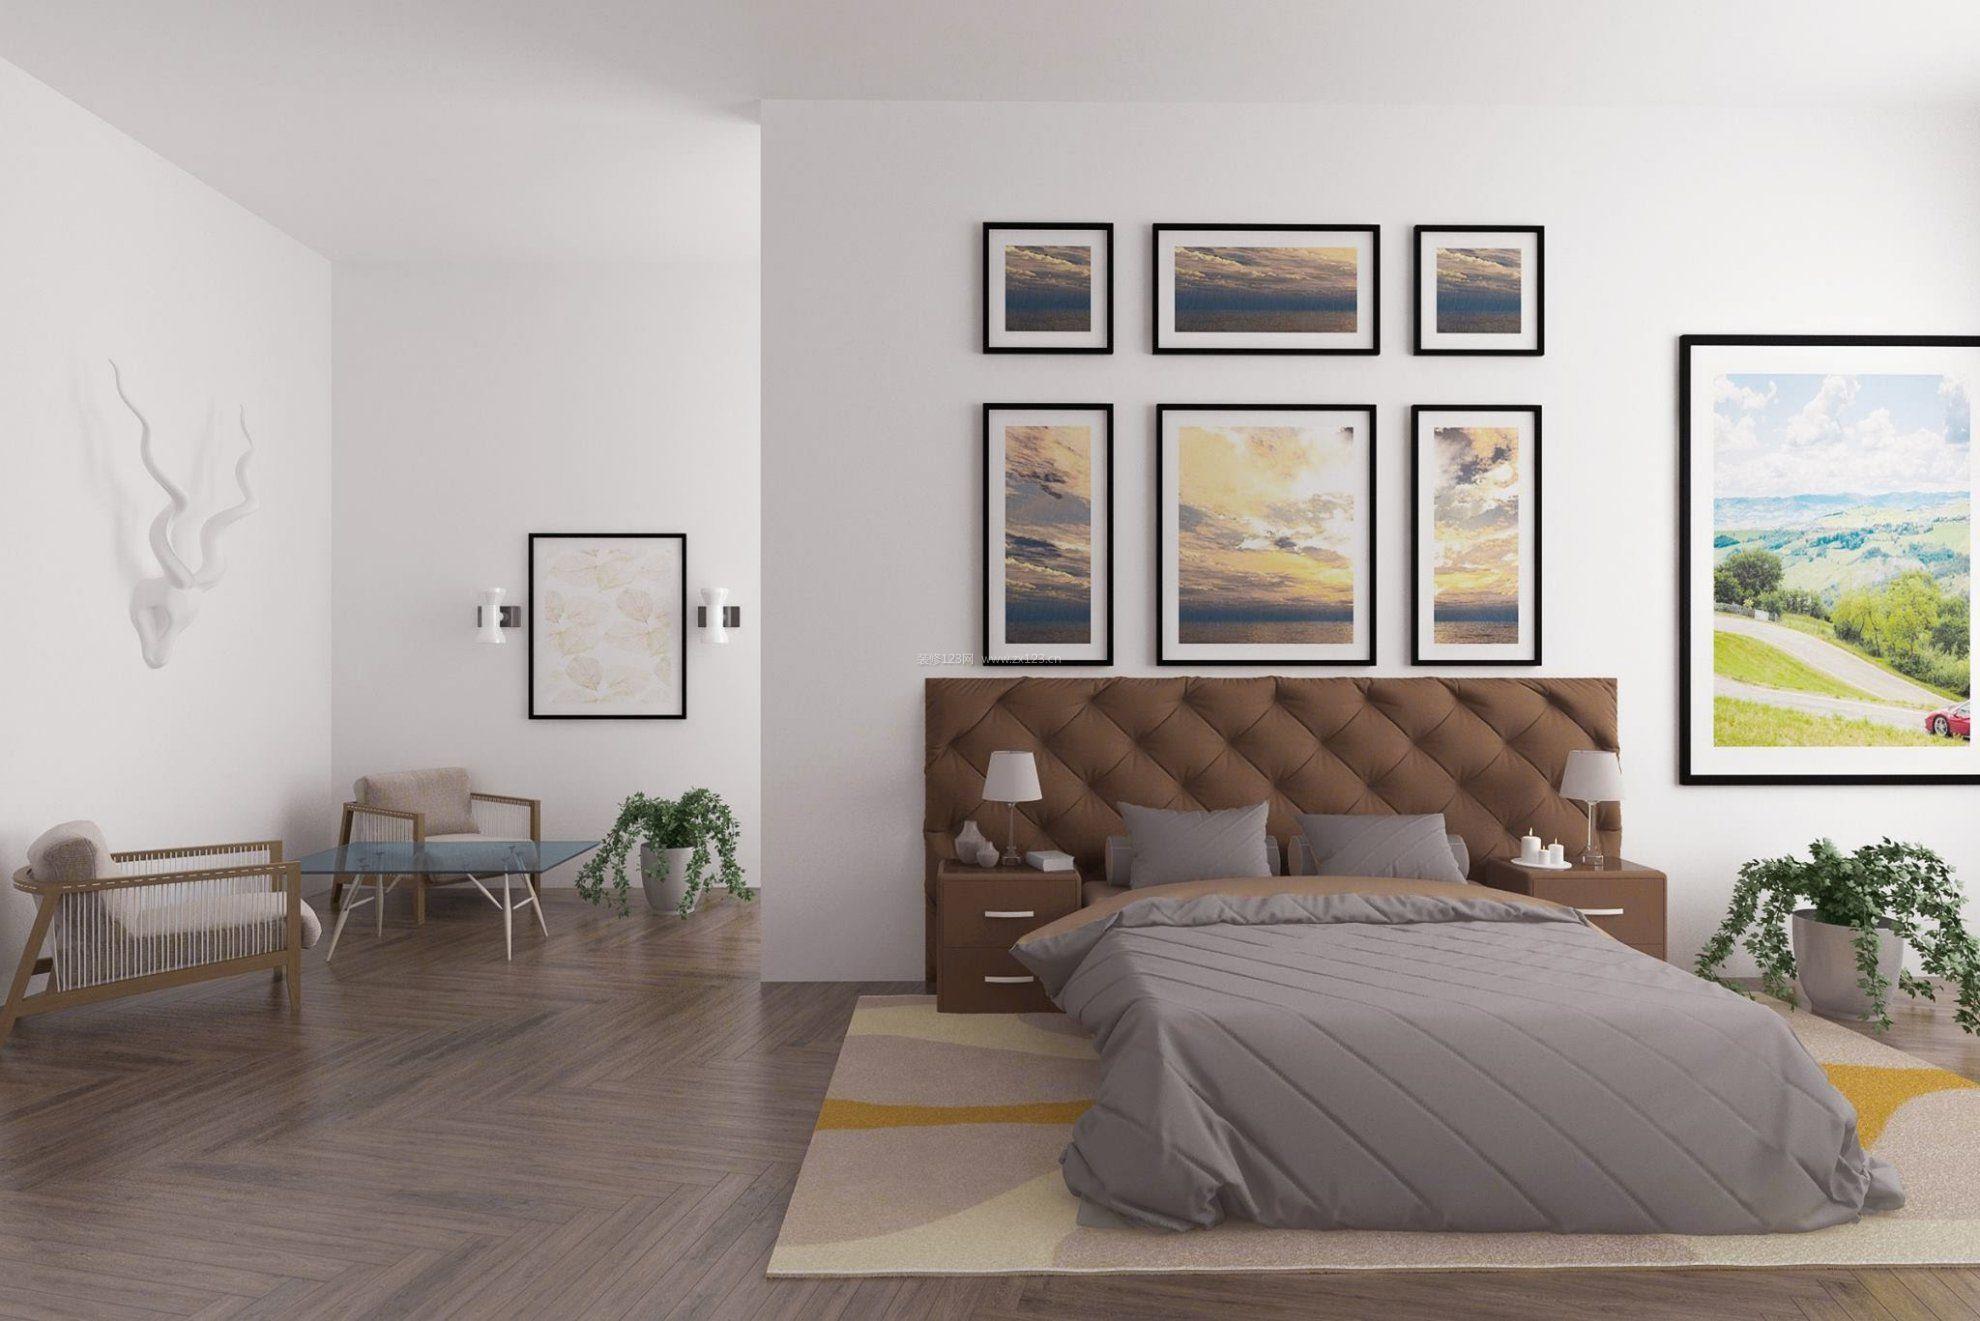 家居装饰品卧室床头背景墙设计效果图